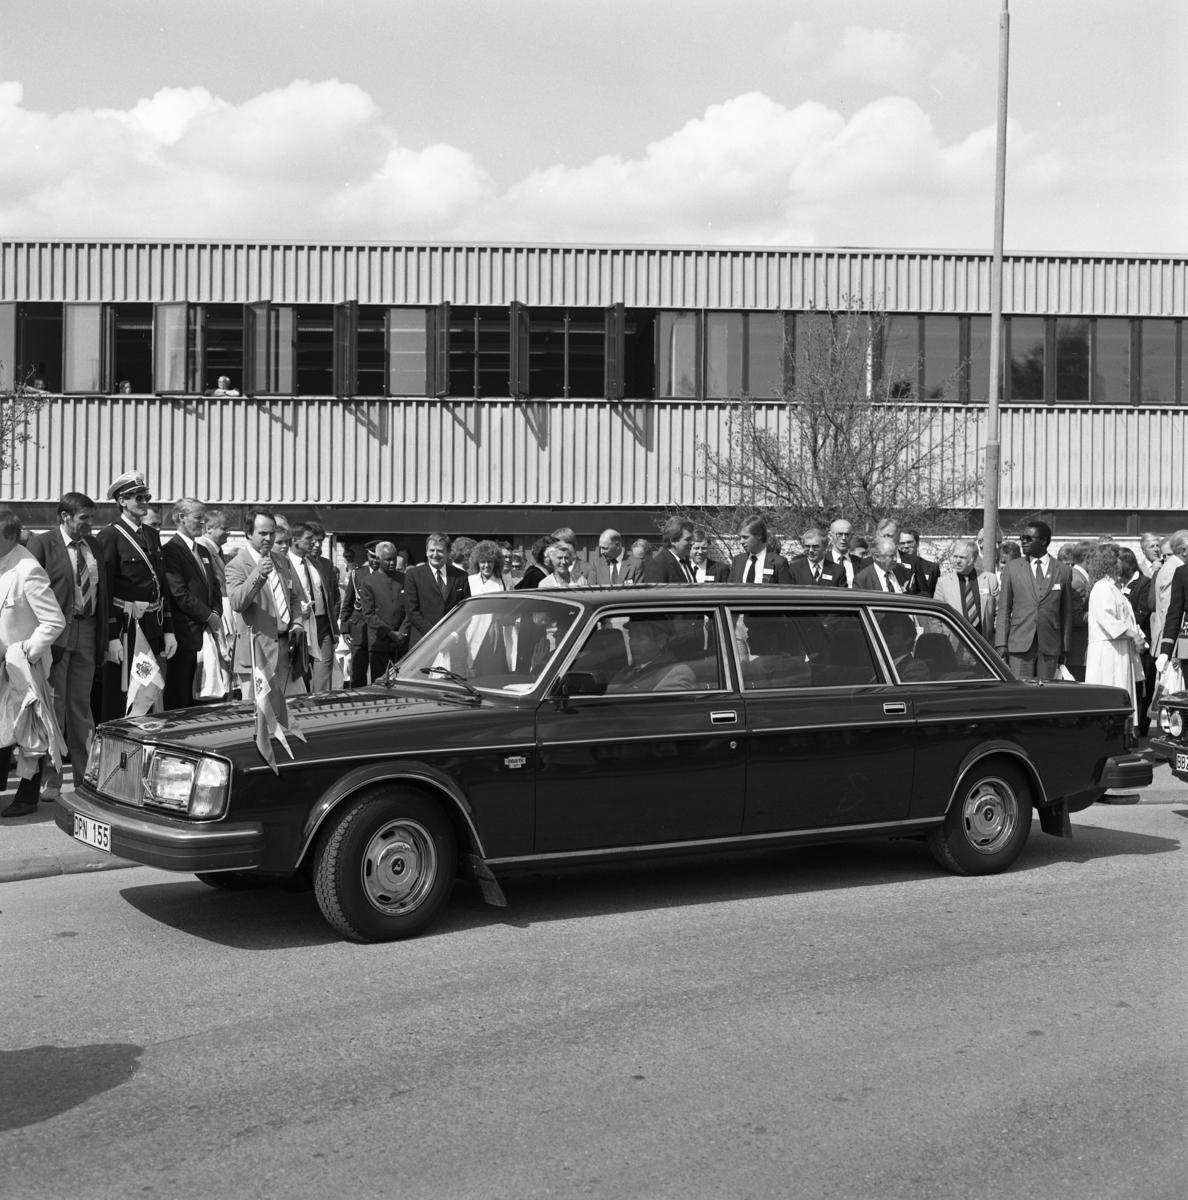 550-årsminnet av Sveriges första riksdag firas i Arboga. Kungaparet (som just stigit in i bilen) lämnar platsen för den gemensamma lunchen. I höjd med bilens vindruta, ses statsminister Olof Palme. Bakom honom står Tanzanias presient, Julius Nyerere. De, och övriga politiker, inväntar sina transporter.